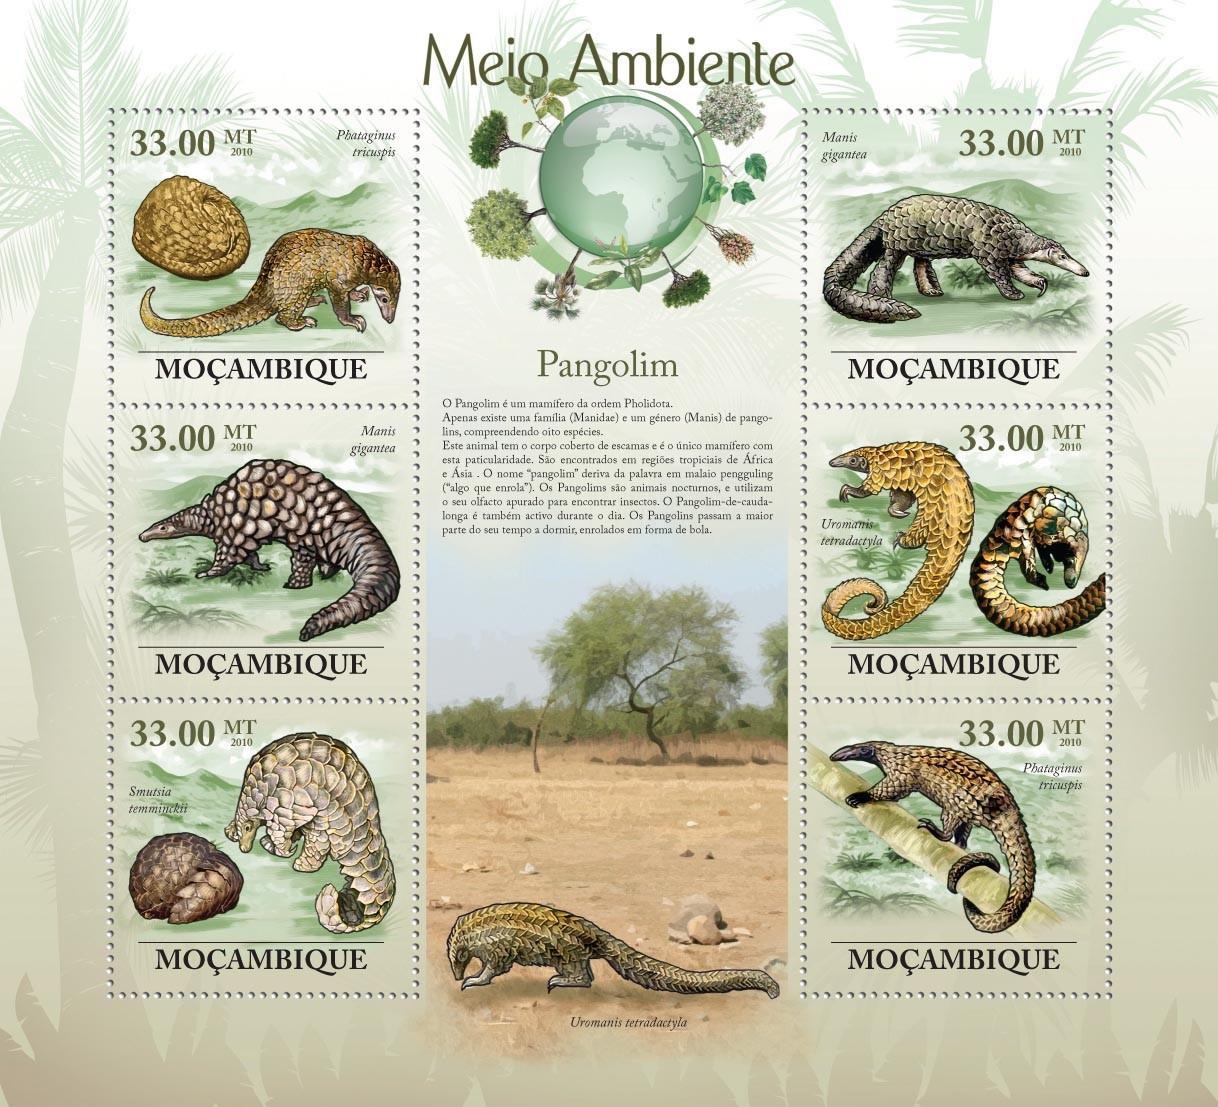 Pangolins,  ( Phataginus tricuspis, Manis gigantea, Smutsia temminckii, etc.. - Issue of Mozambique postage Stamps